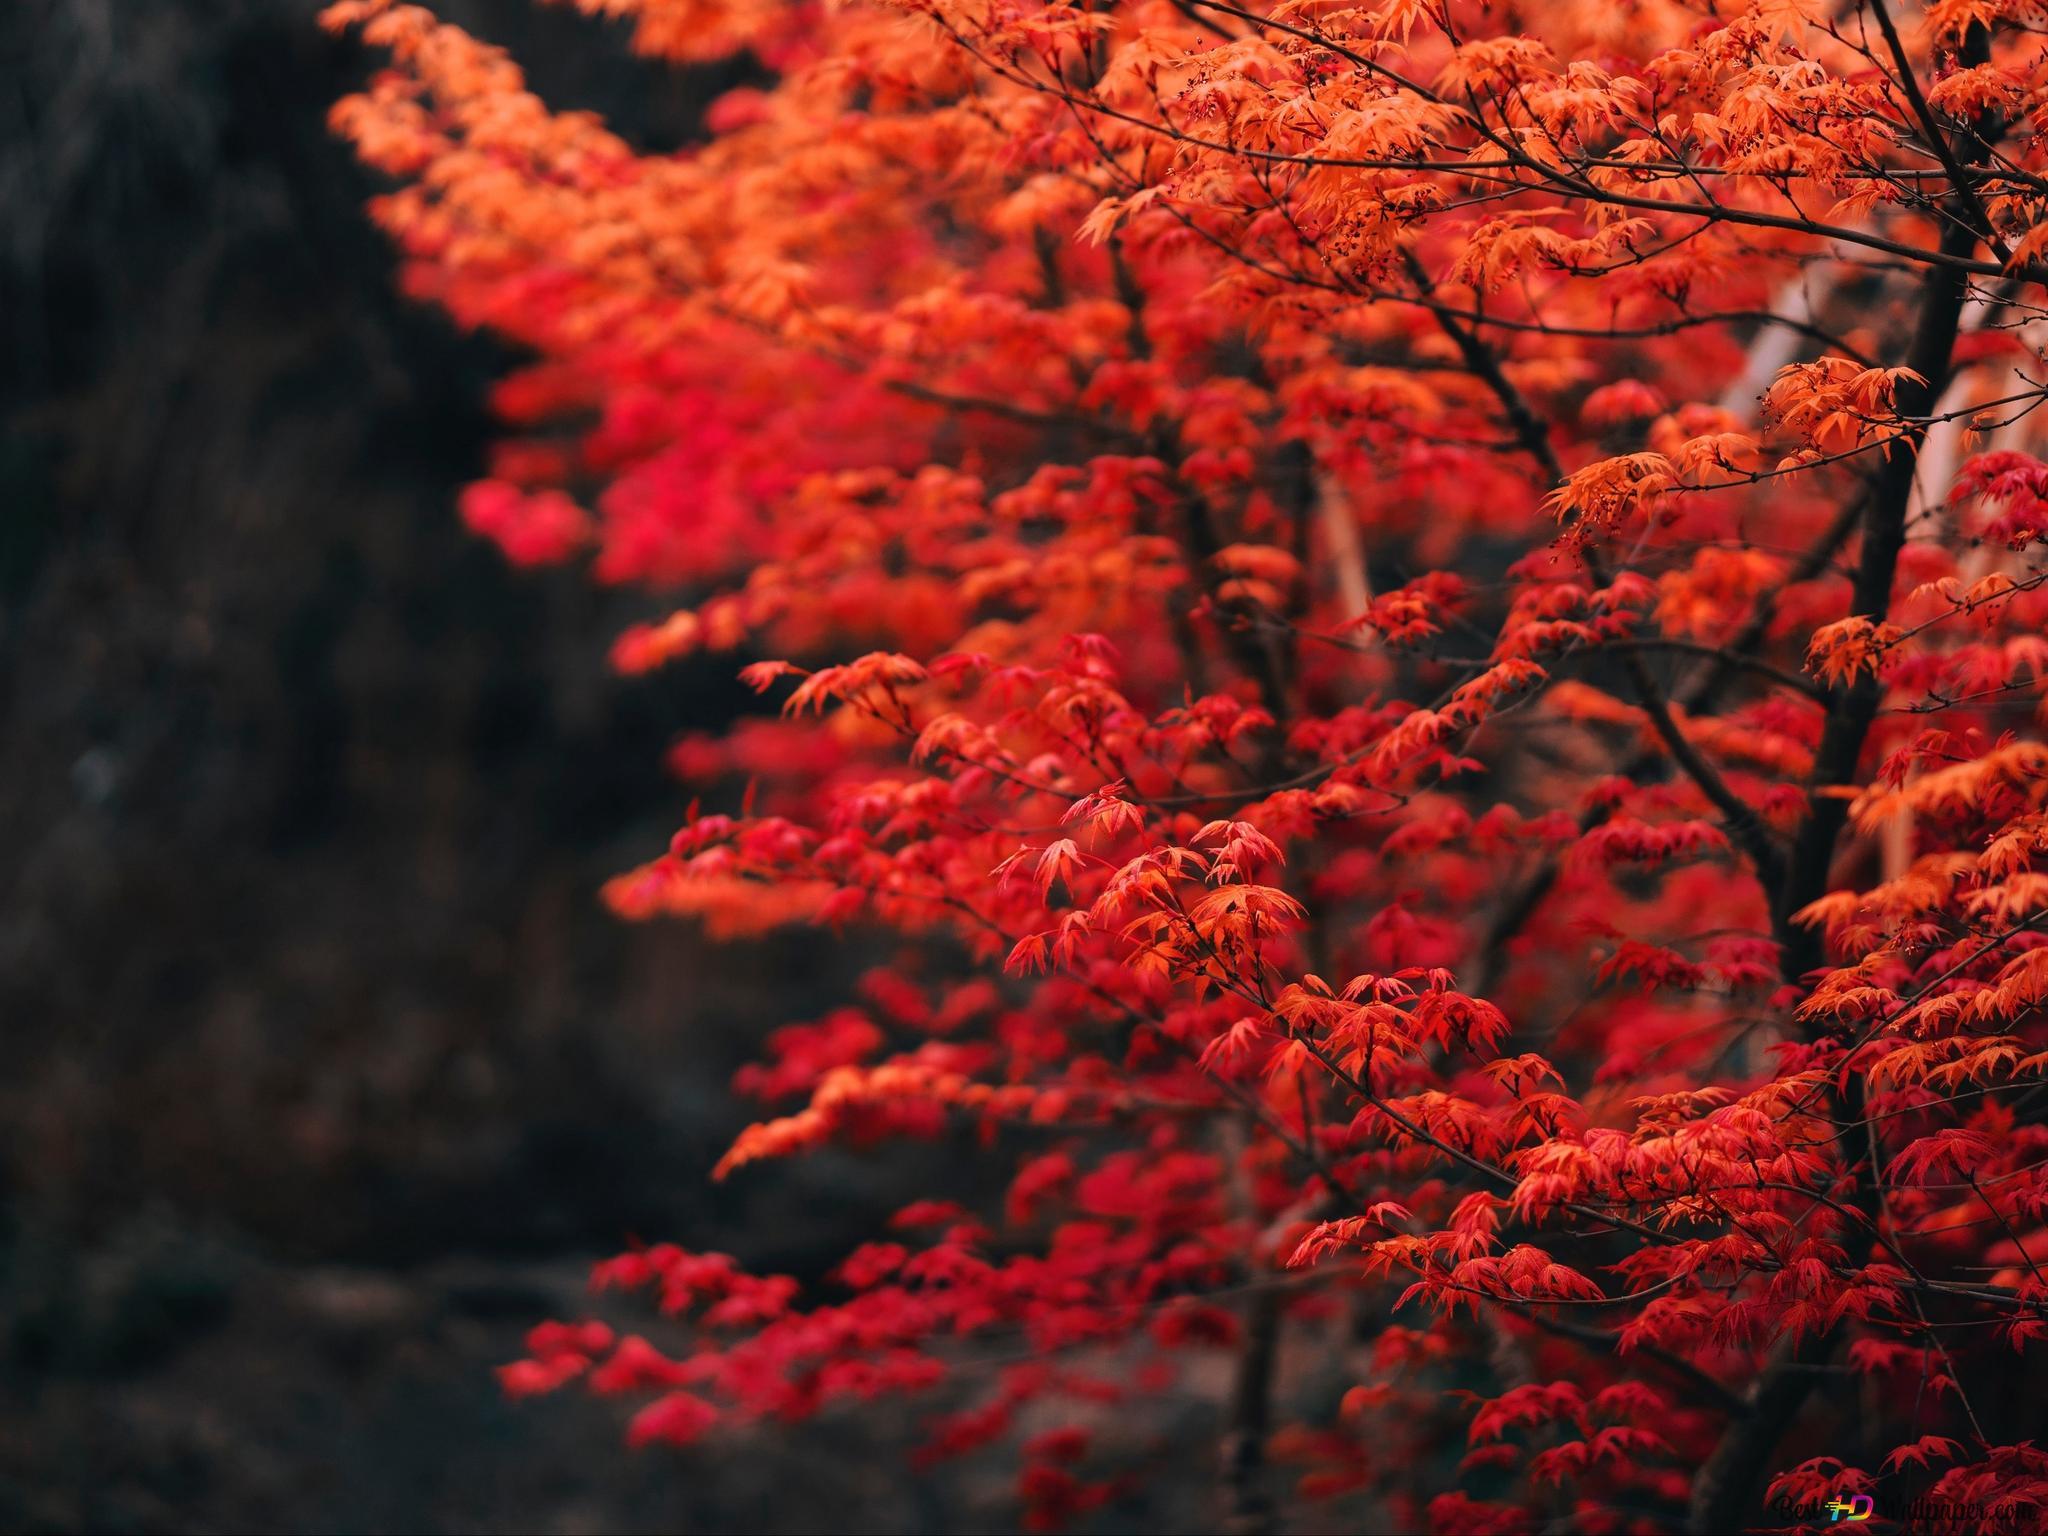 秋の木 Hd壁紙のダウンロード